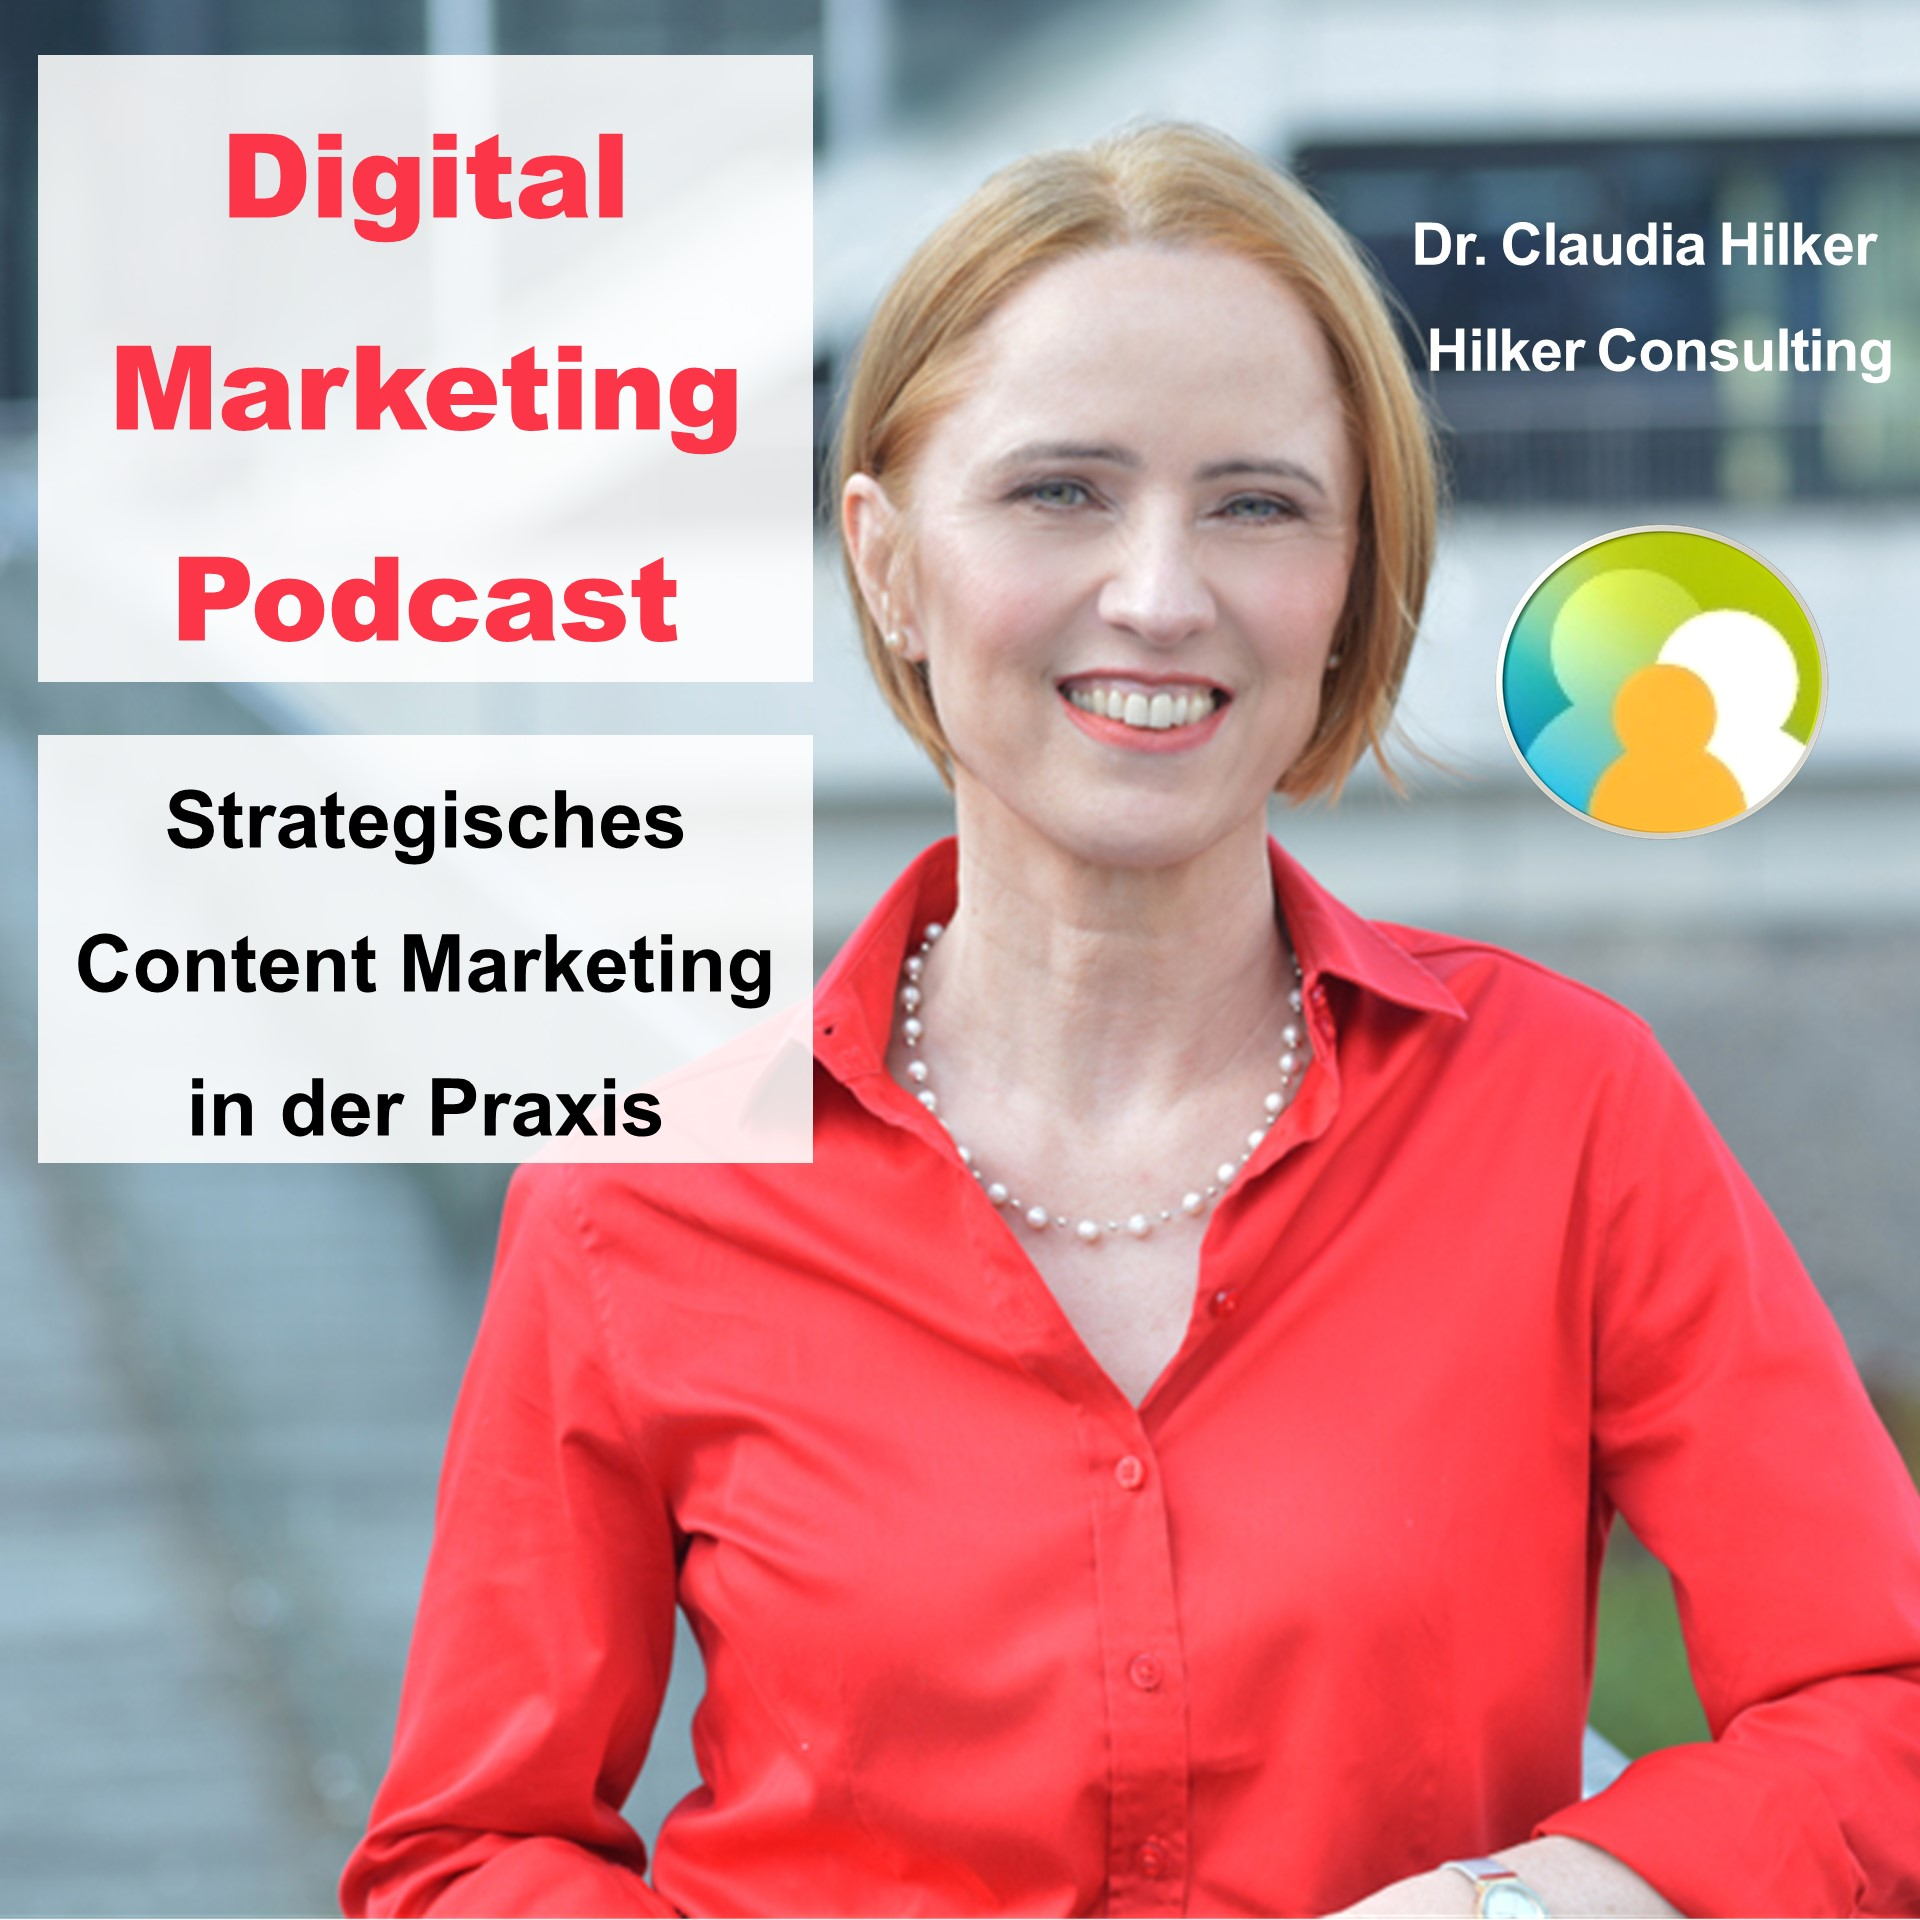 Digital Marketing Podcast_Strategisches Content Marketing in der Praxis